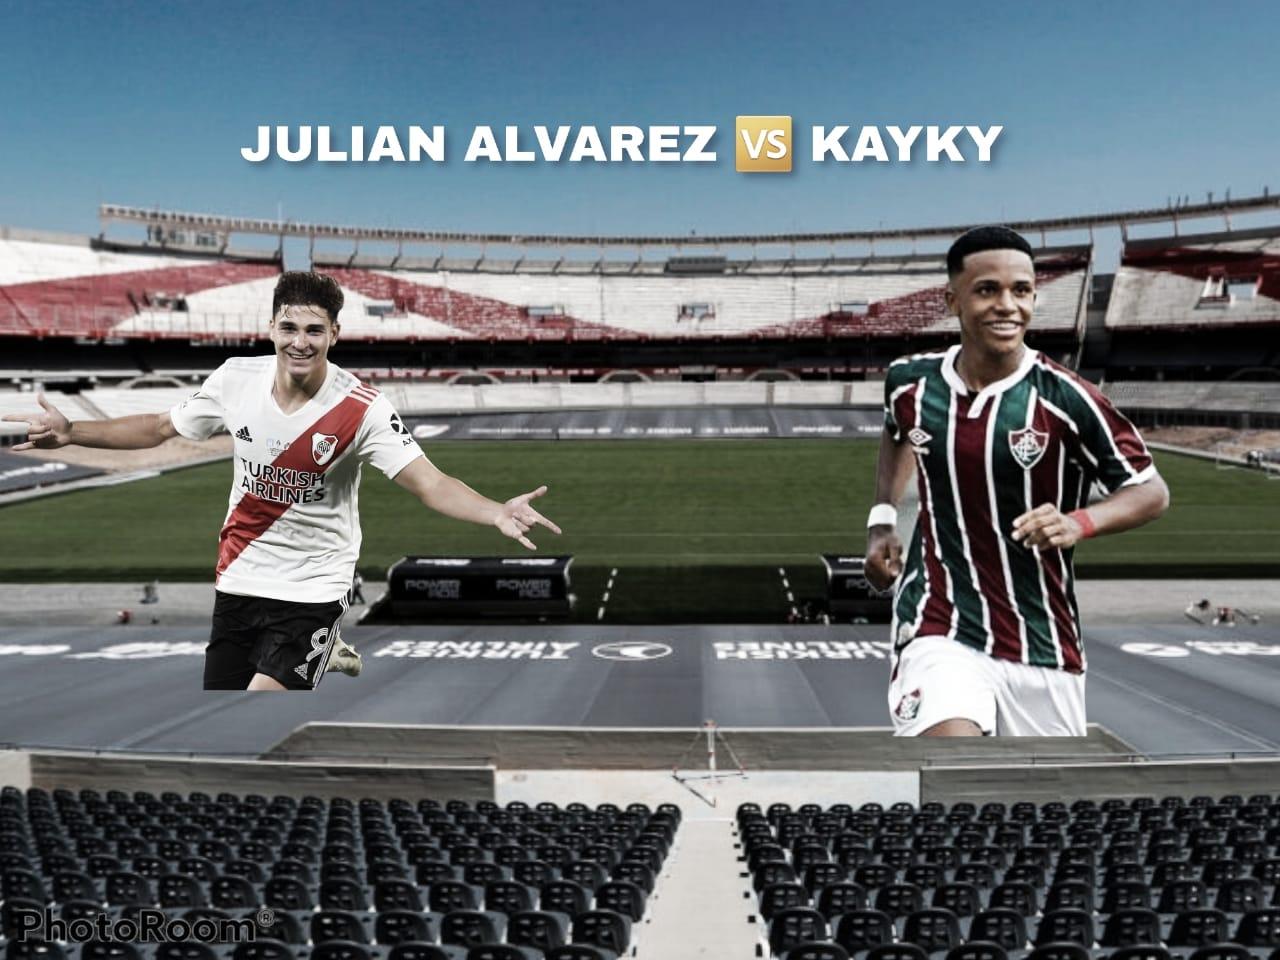 Julián Álvarez vs Kayky: Duelo de jóvenes promesas